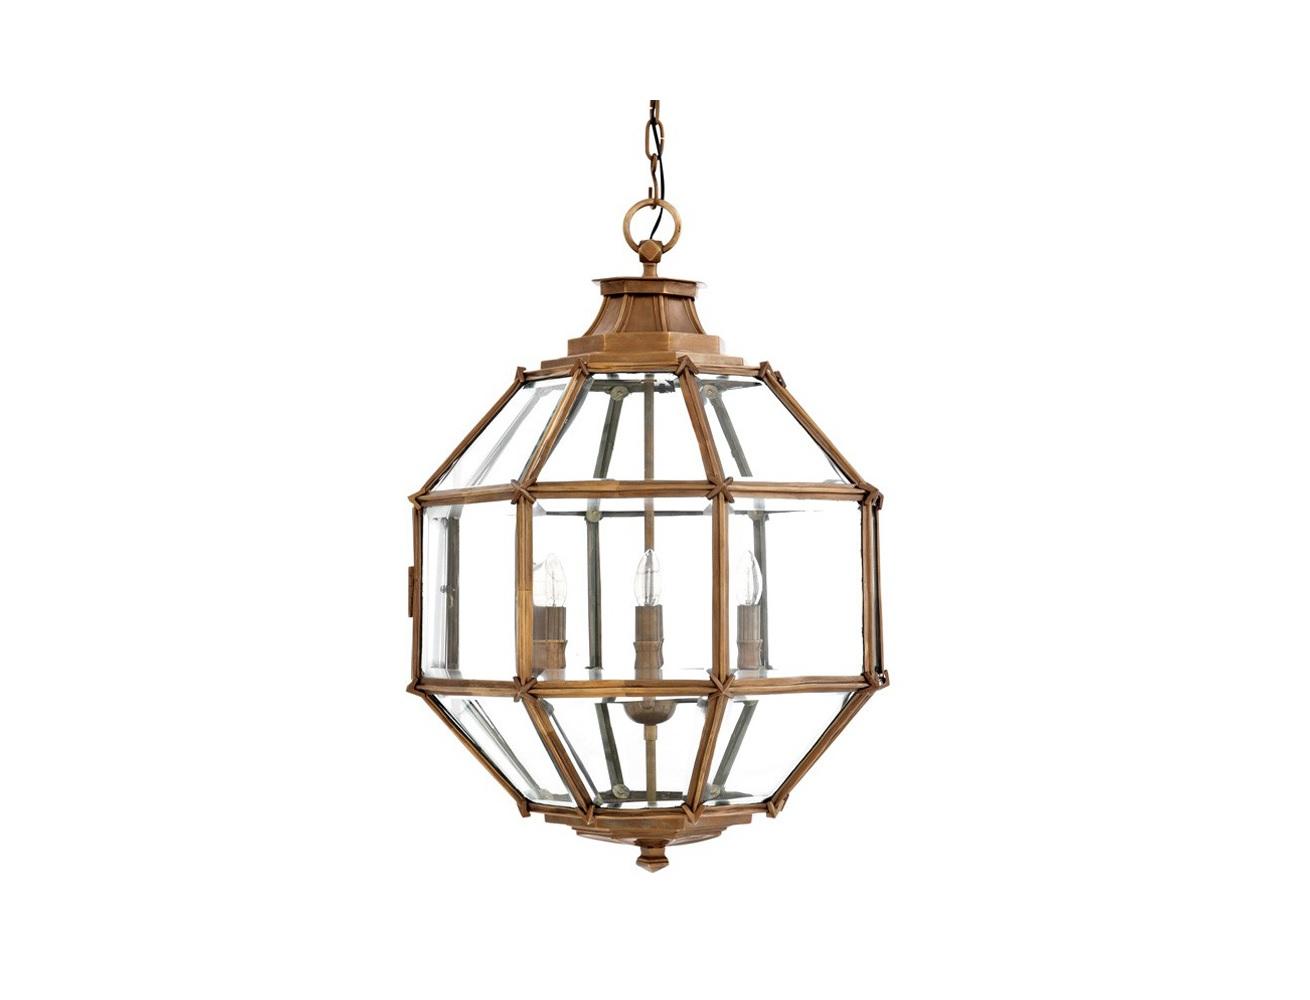 Подвесная люстра OwenЛюстры подвесные<br>Подвесной светильник-латерна из коллекции Owen на арматуре из состаренной латуни. Плафон выполнен из прозрачного стекла. Высота светильника регулируется за счет звеньев цепи.&amp;lt;div&amp;gt;&amp;lt;br&amp;gt;&amp;lt;/div&amp;gt;&amp;lt;div&amp;gt;&amp;lt;div&amp;gt;Вид цоколя: E14&amp;lt;/div&amp;gt;&amp;lt;div&amp;gt;Мощность лампы: 40W&amp;lt;/div&amp;gt;&amp;lt;div&amp;gt;Количество ламп: 4 (нет в комплекте)&amp;lt;/div&amp;gt;&amp;lt;/div&amp;gt;<br><br>Material: Металл<br>Width см: 60<br>Depth см: 60<br>Height см: 83